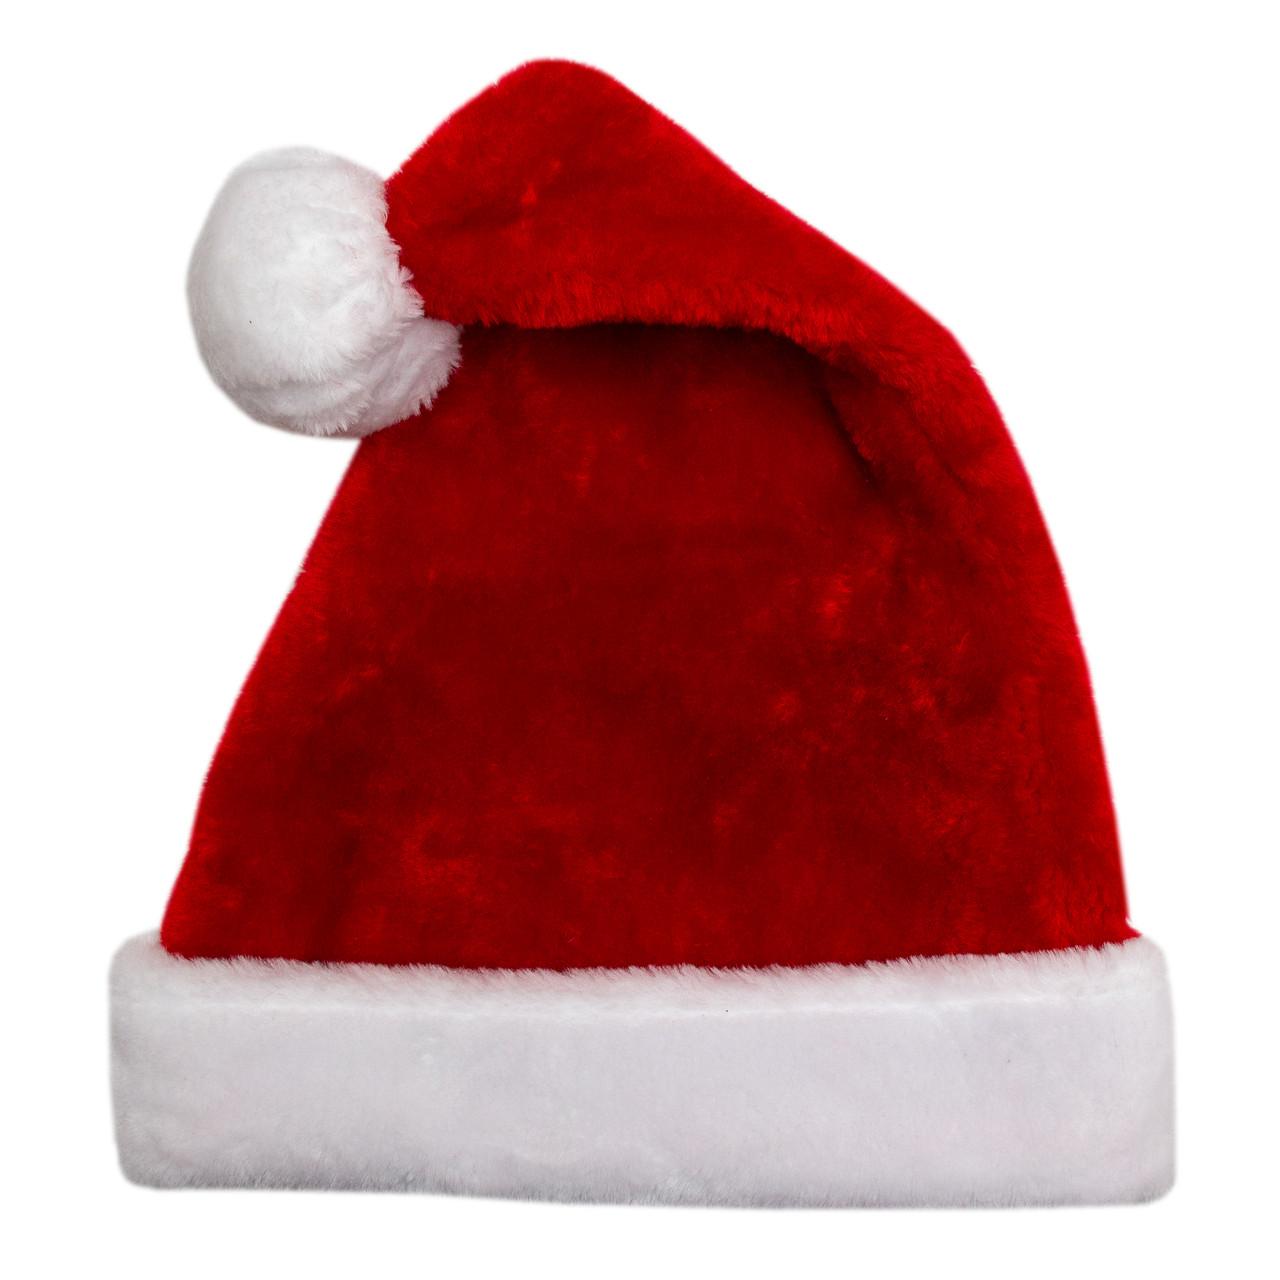 Новорічний карнавальний ковпак, 58-60 см, плюш, поліестер, червоний (460298)